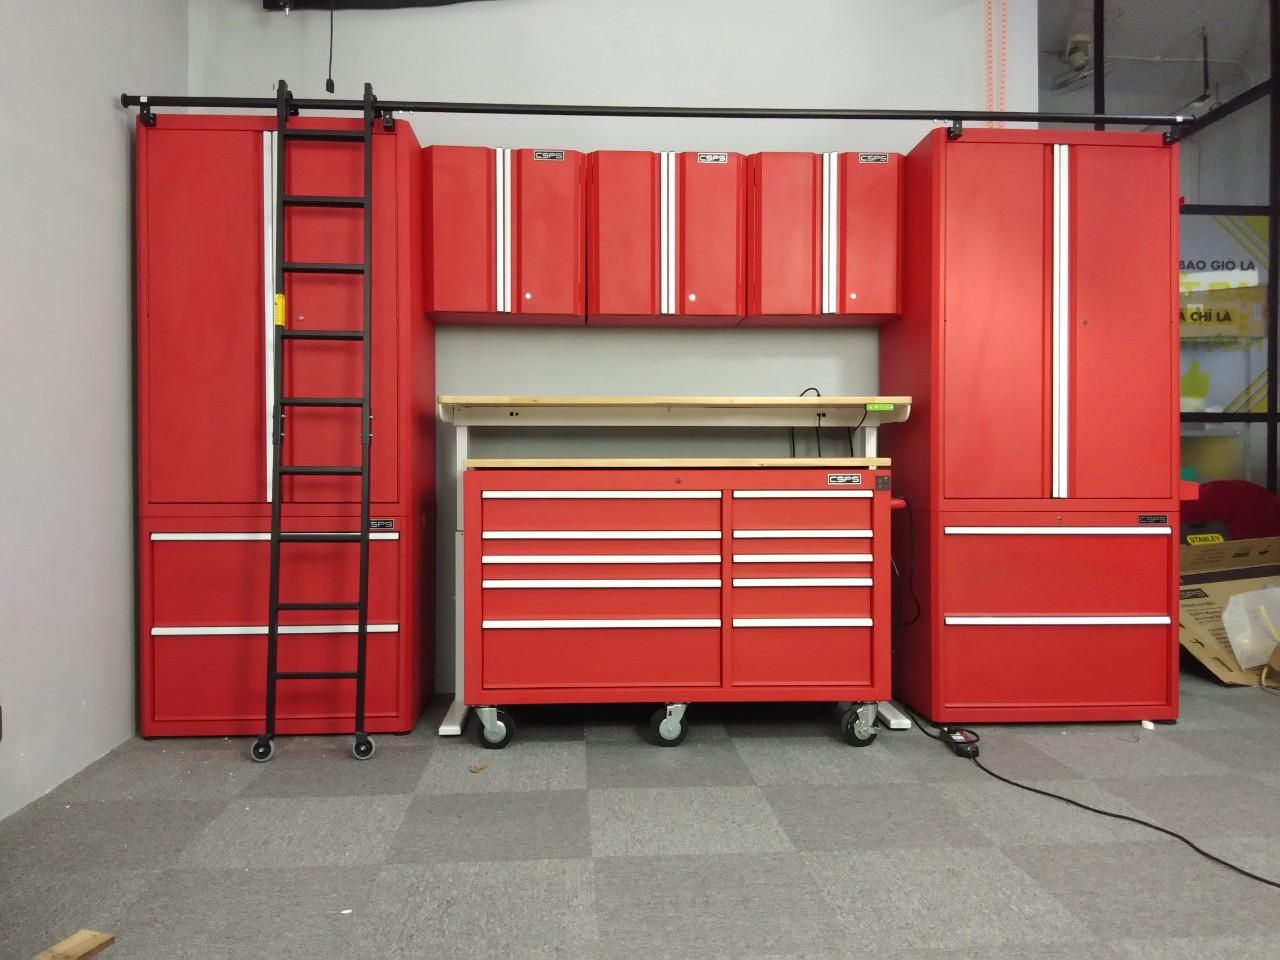 Nhà xưởng chuyên nghiệp và cách tân hơn với tủ đồ nghề CSPS